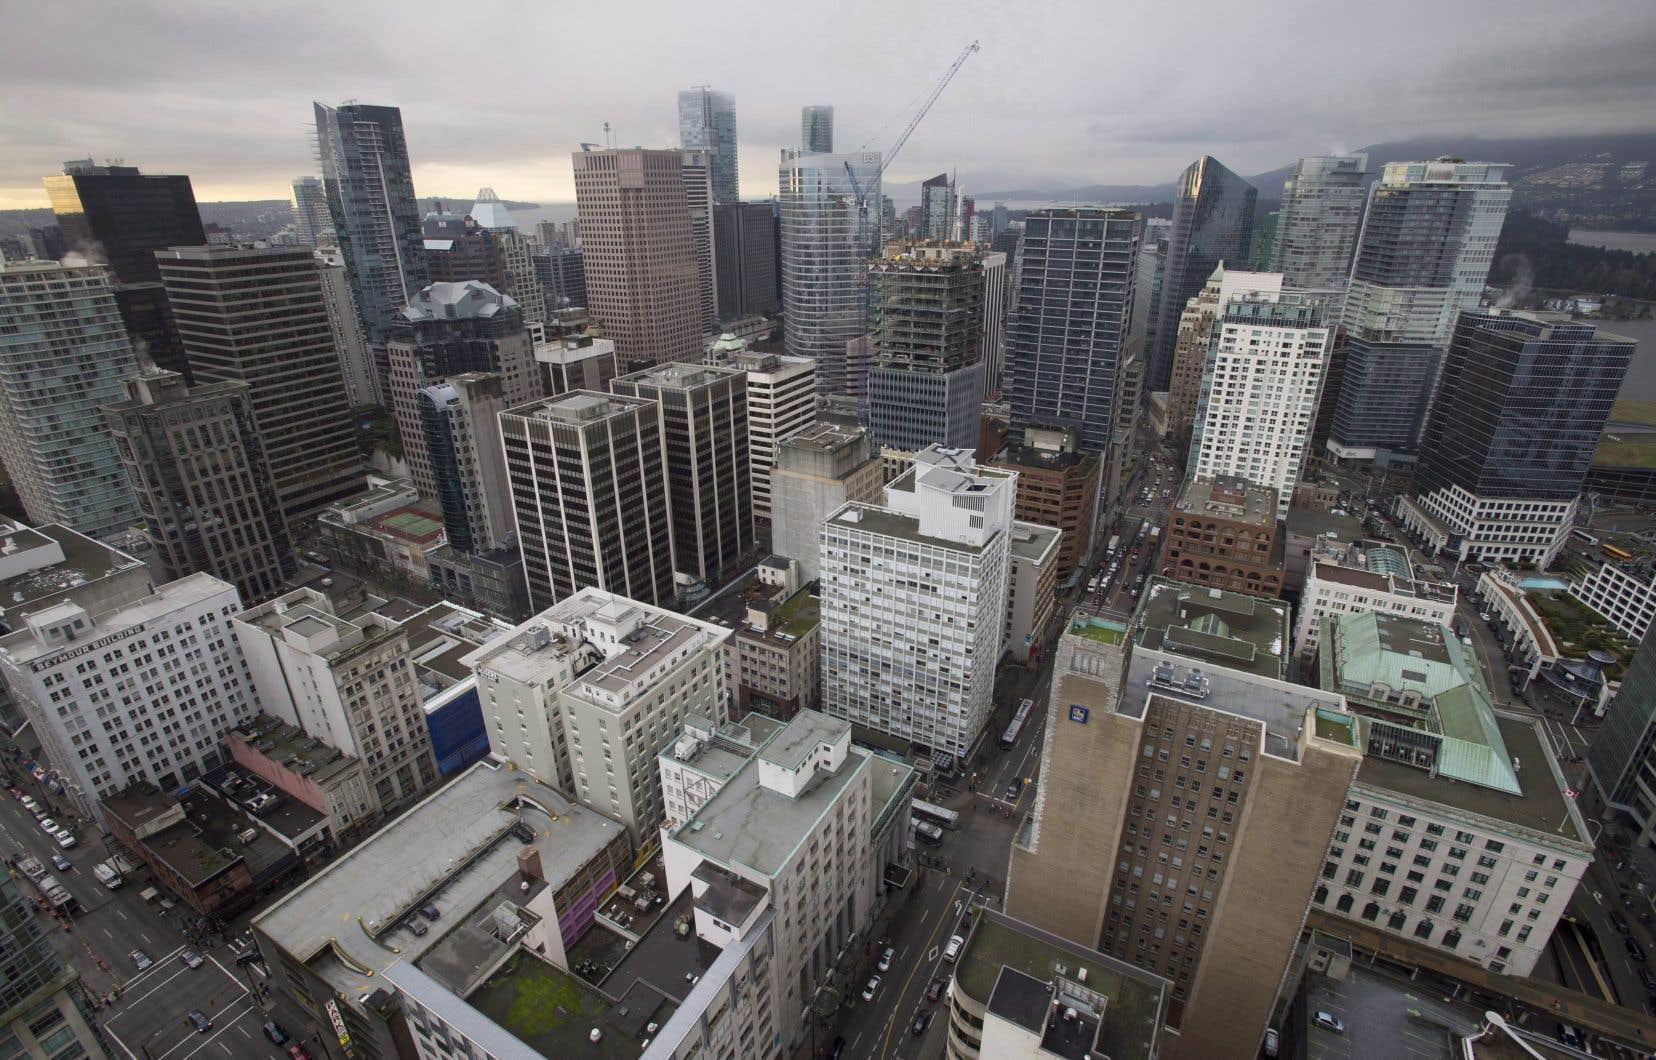 Cette première taxe nationale annuelle de 1% s'appliquerait sur la valeur des biens immobiliers résidentiels considérés comme vacants ou sous-utilisés appartenant à des propriétaires étrangers non résidents, a annoncé lundi la ministre des Finances, Chrystia Freeland.